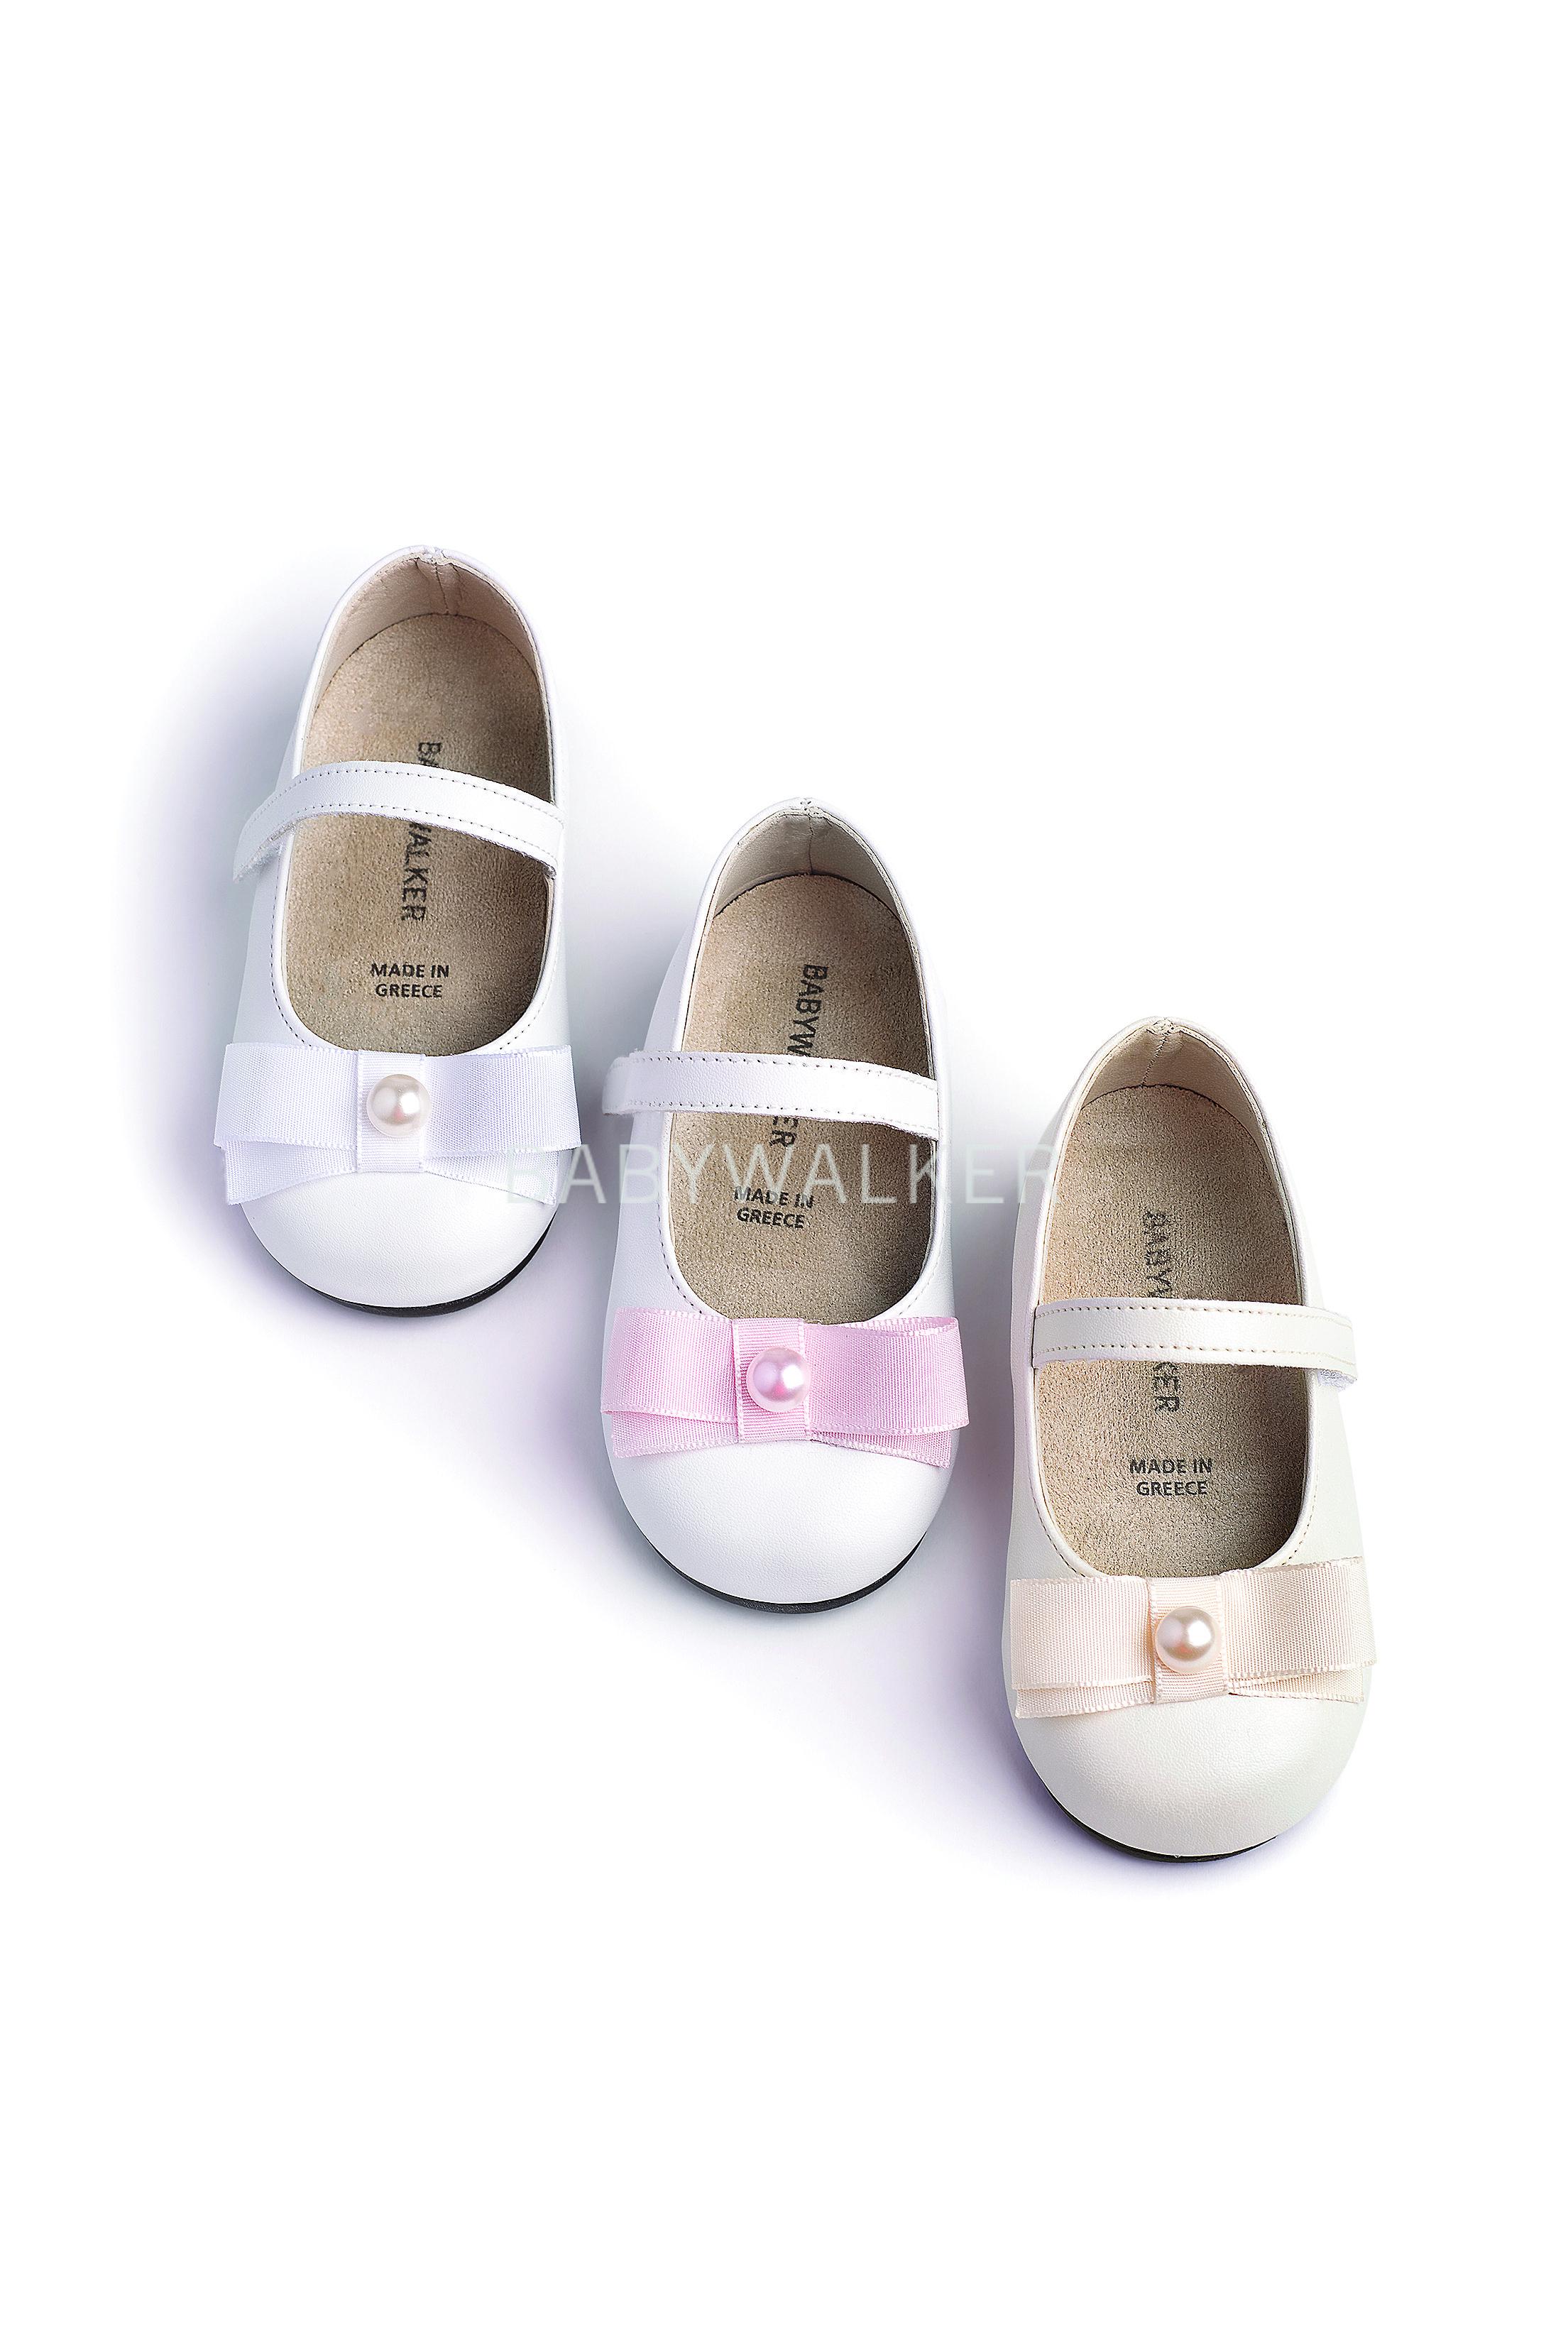 fb6ef5346aa Βαπτιστικό παπούτσι Babywalker για κορίτσι από περλέ και ματ συνθετικό  δέρμα σε εκρού και λευκό.